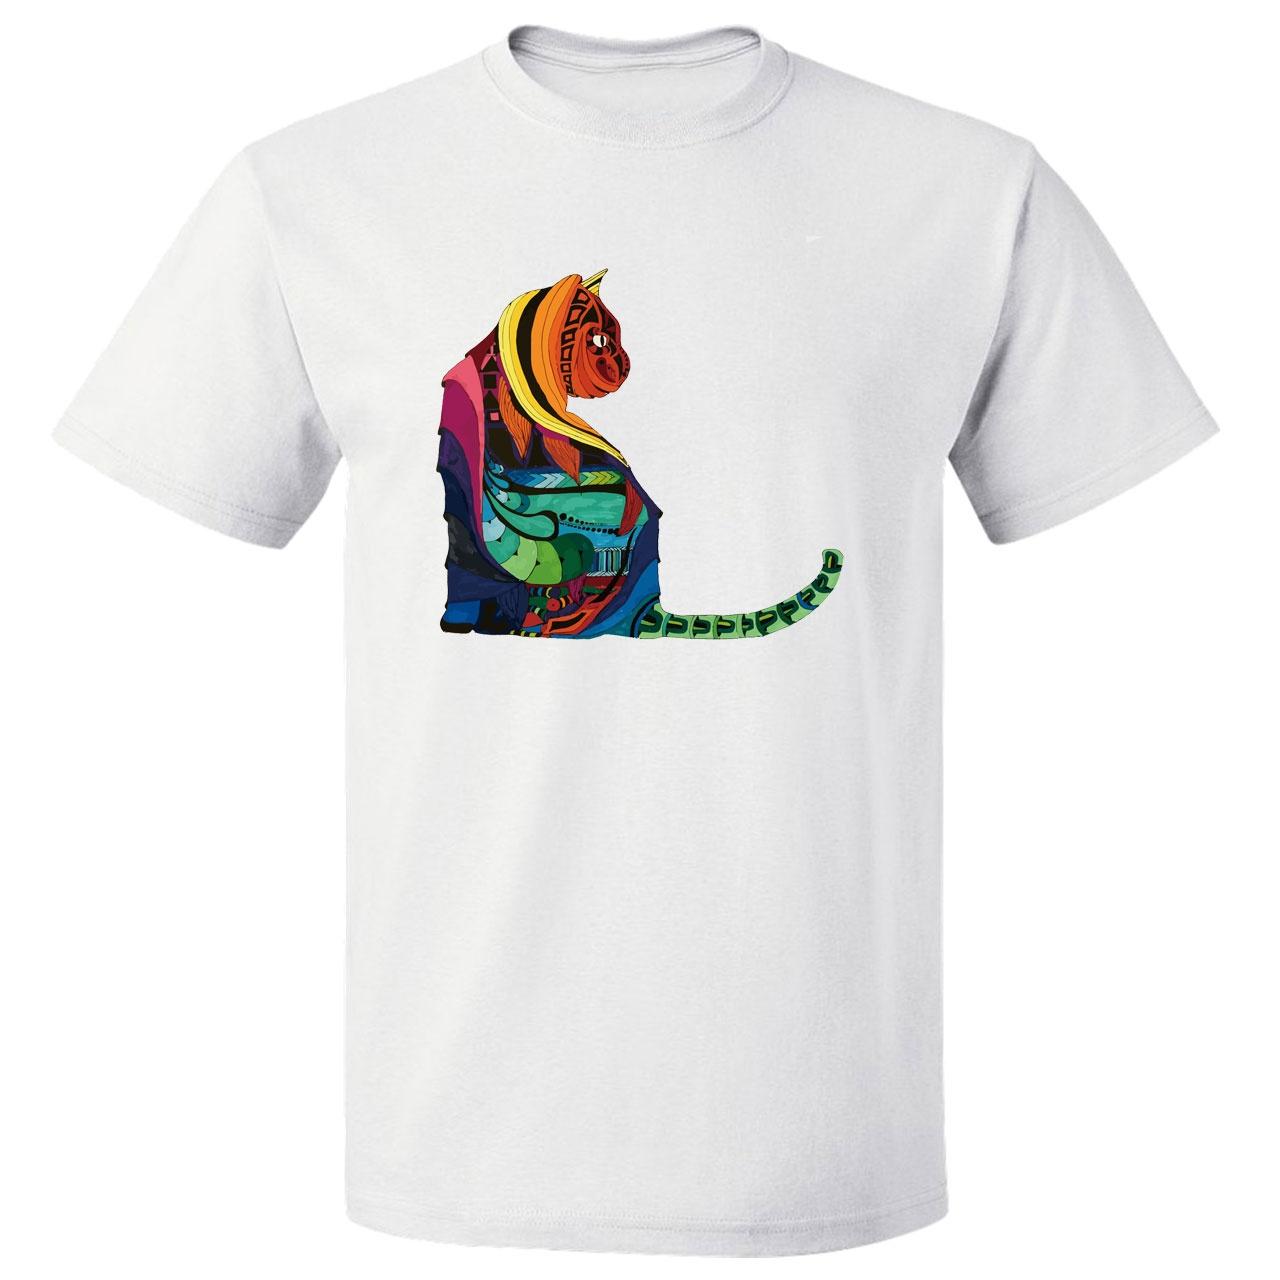 تی شرت آستین کوتاه مارس طرح گربه کد 3885